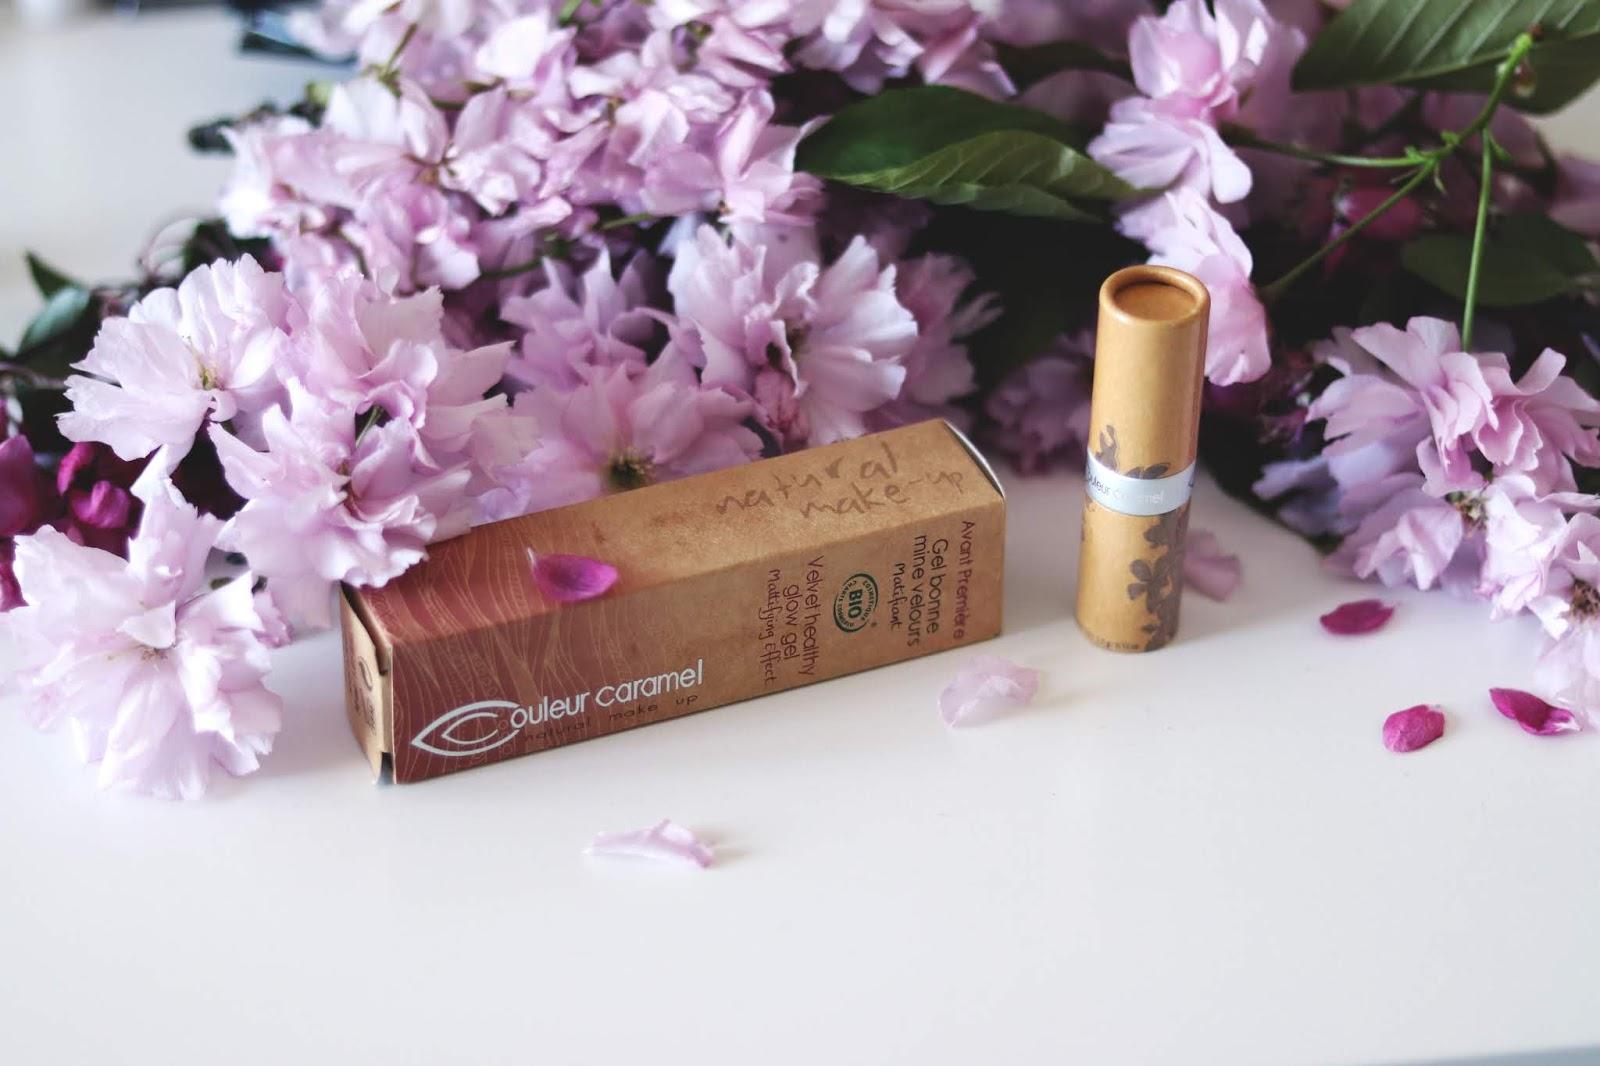 Kosmetyki do makijażu Couleur Caramel opinie